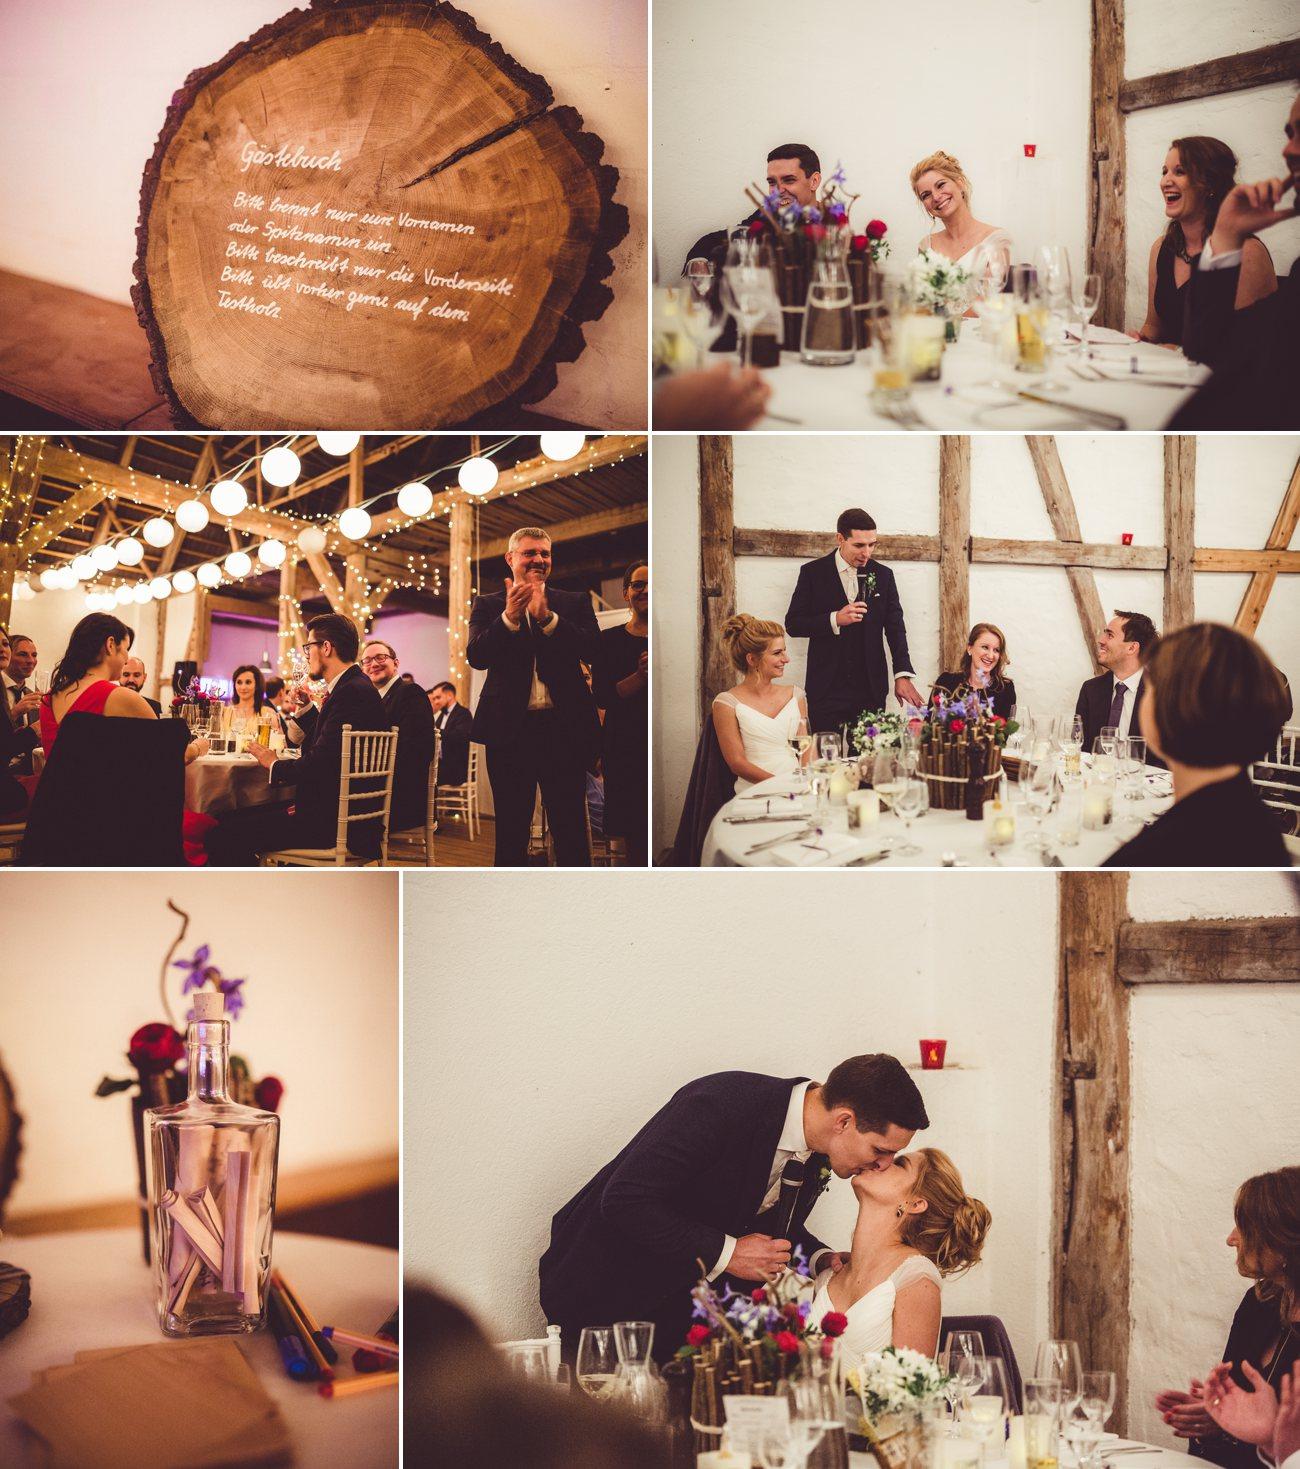 Hochzeitsreportage_Waldhotel_auf Herrenland 72